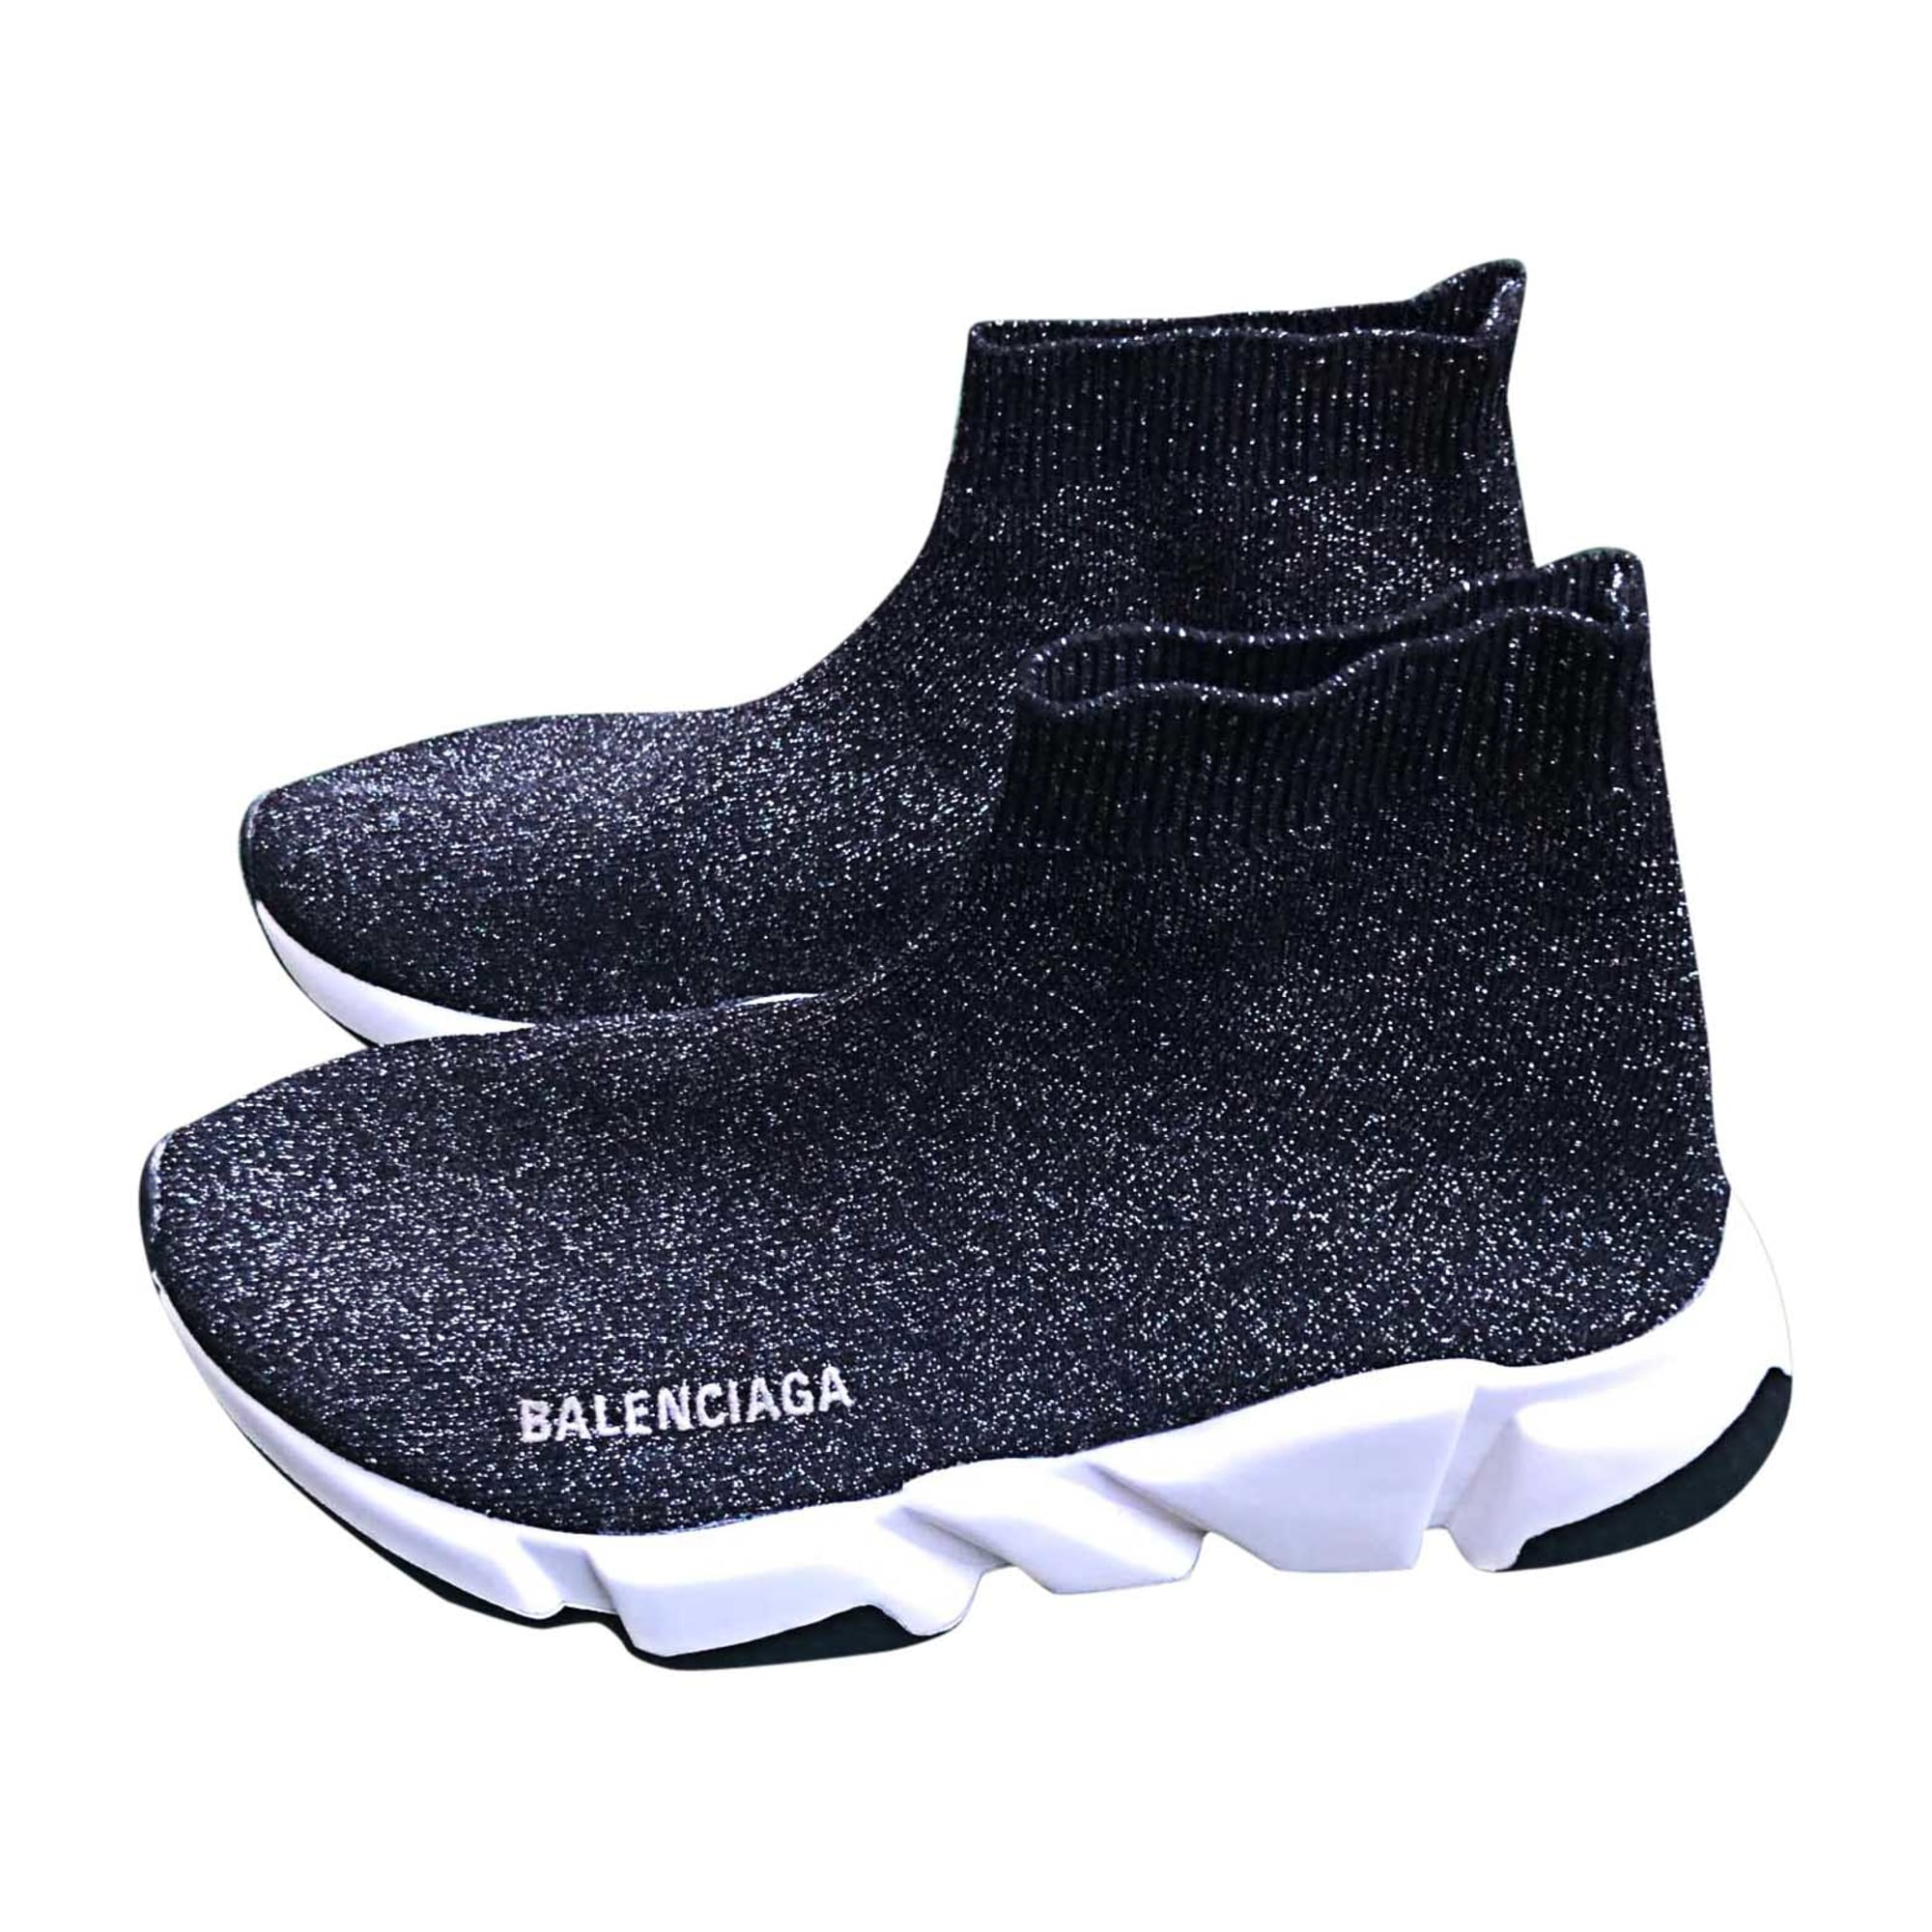 Sneakers BALENCIAGA Silver